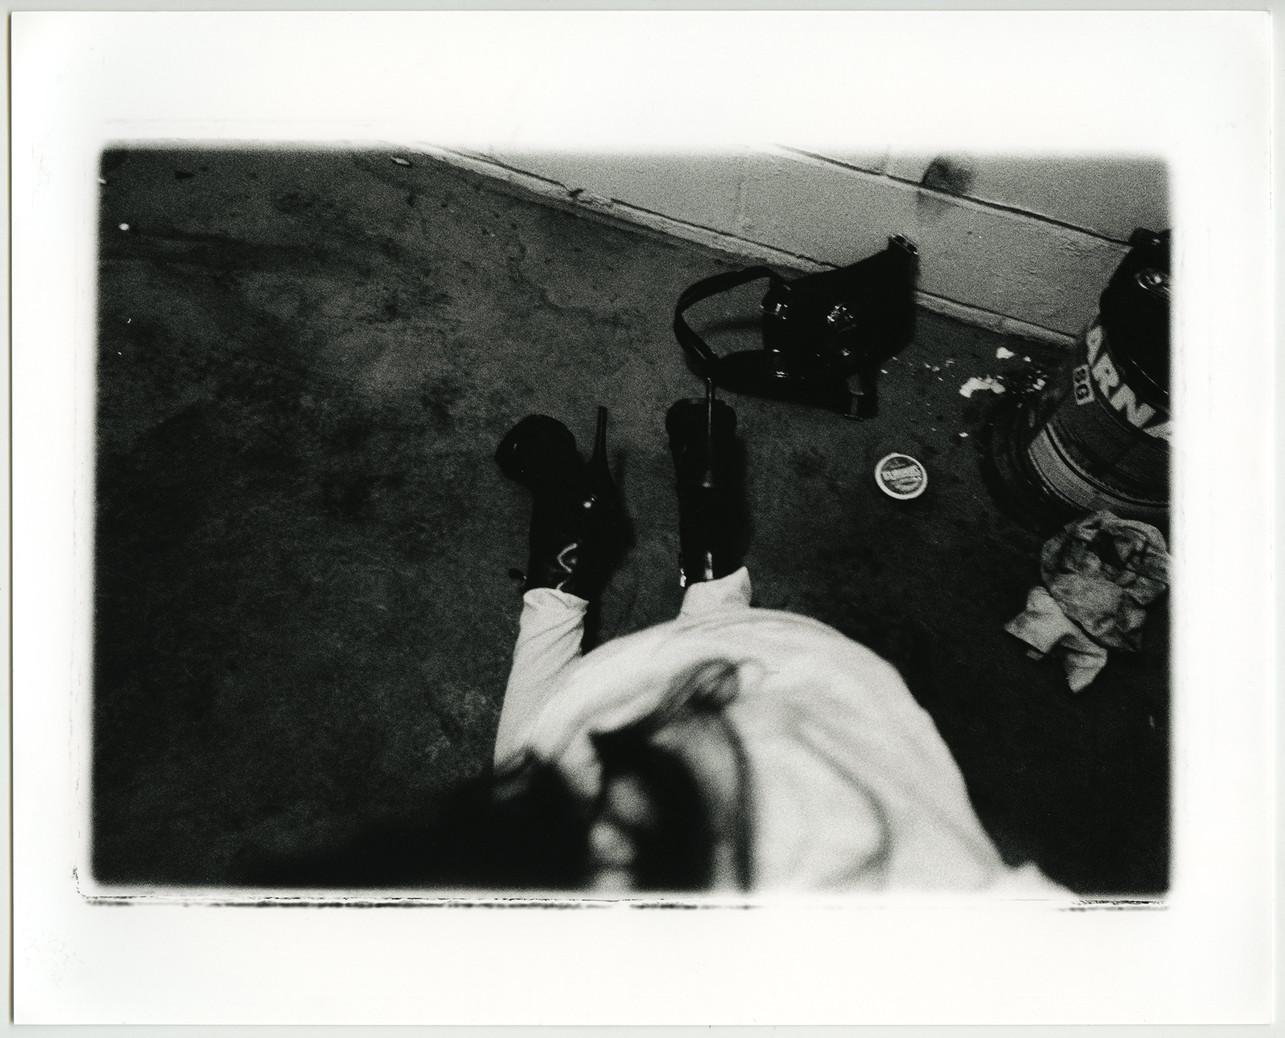 nyc_knees.jpg